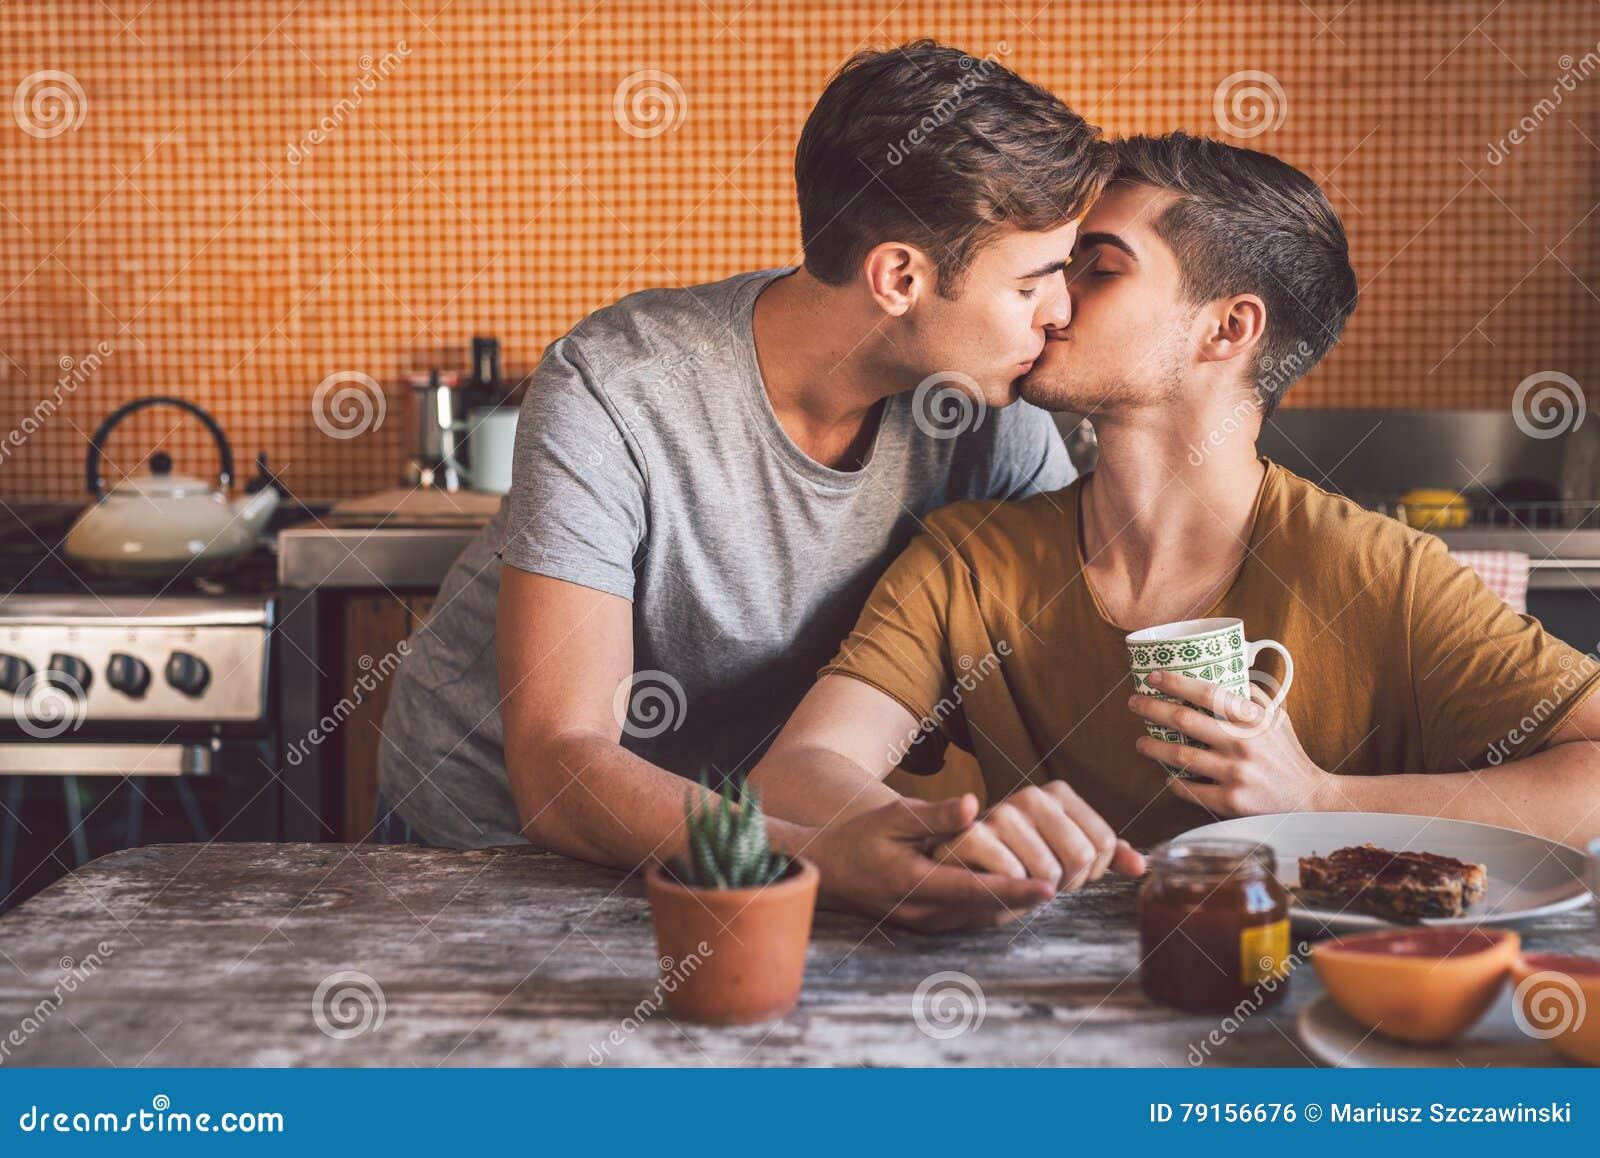 Hemdloses Foto online dating